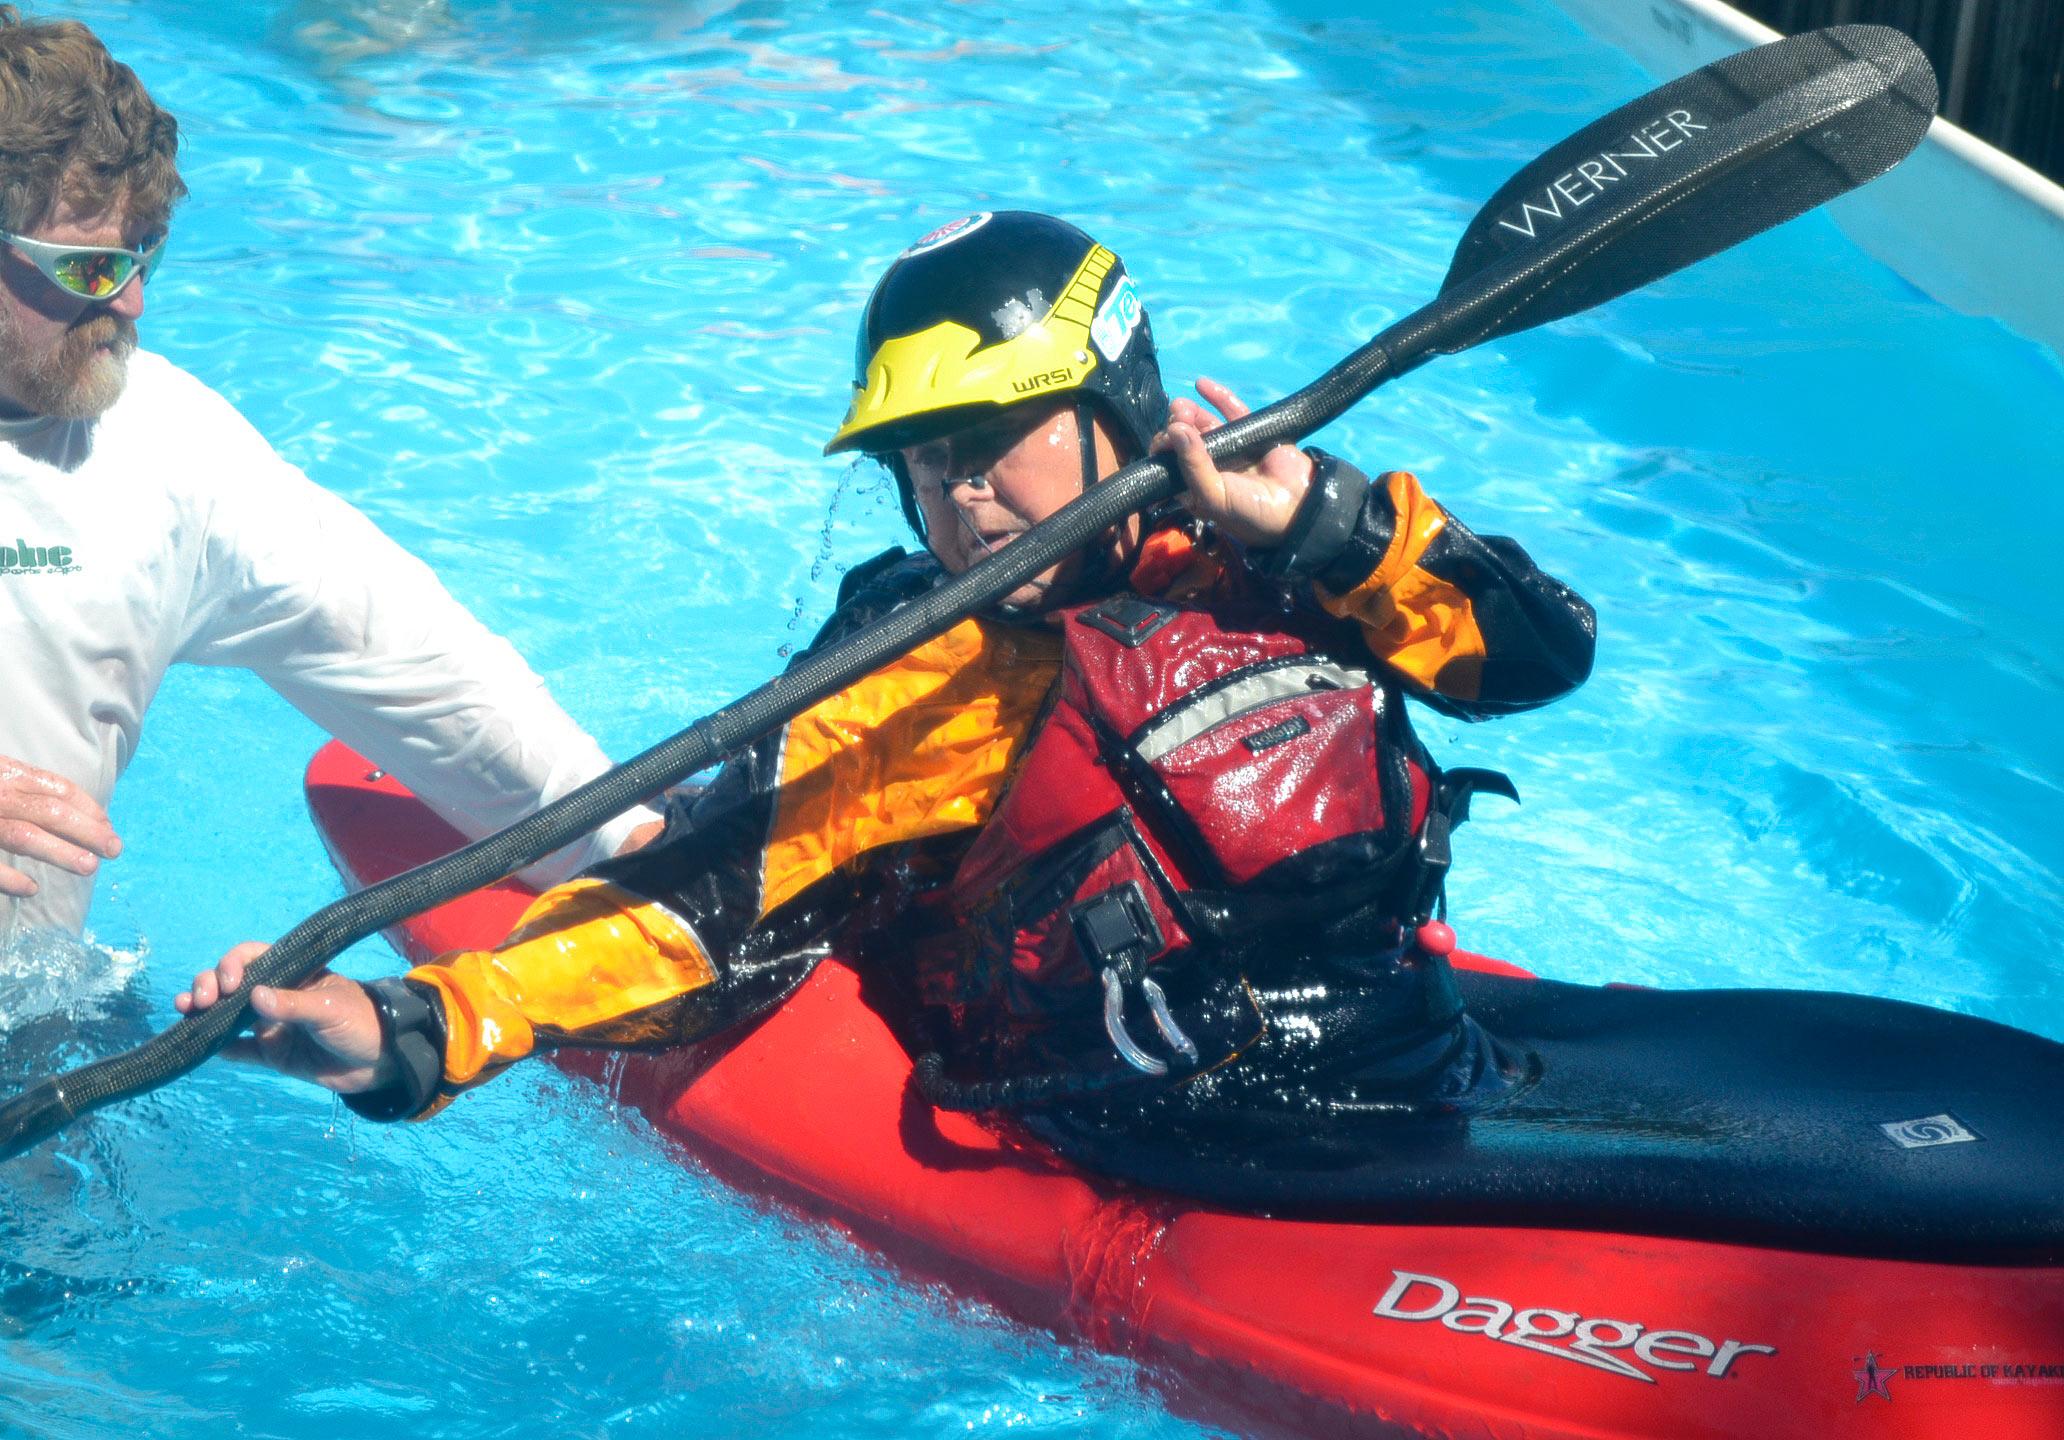 Kayak Roll Lessons with Dan Crandall